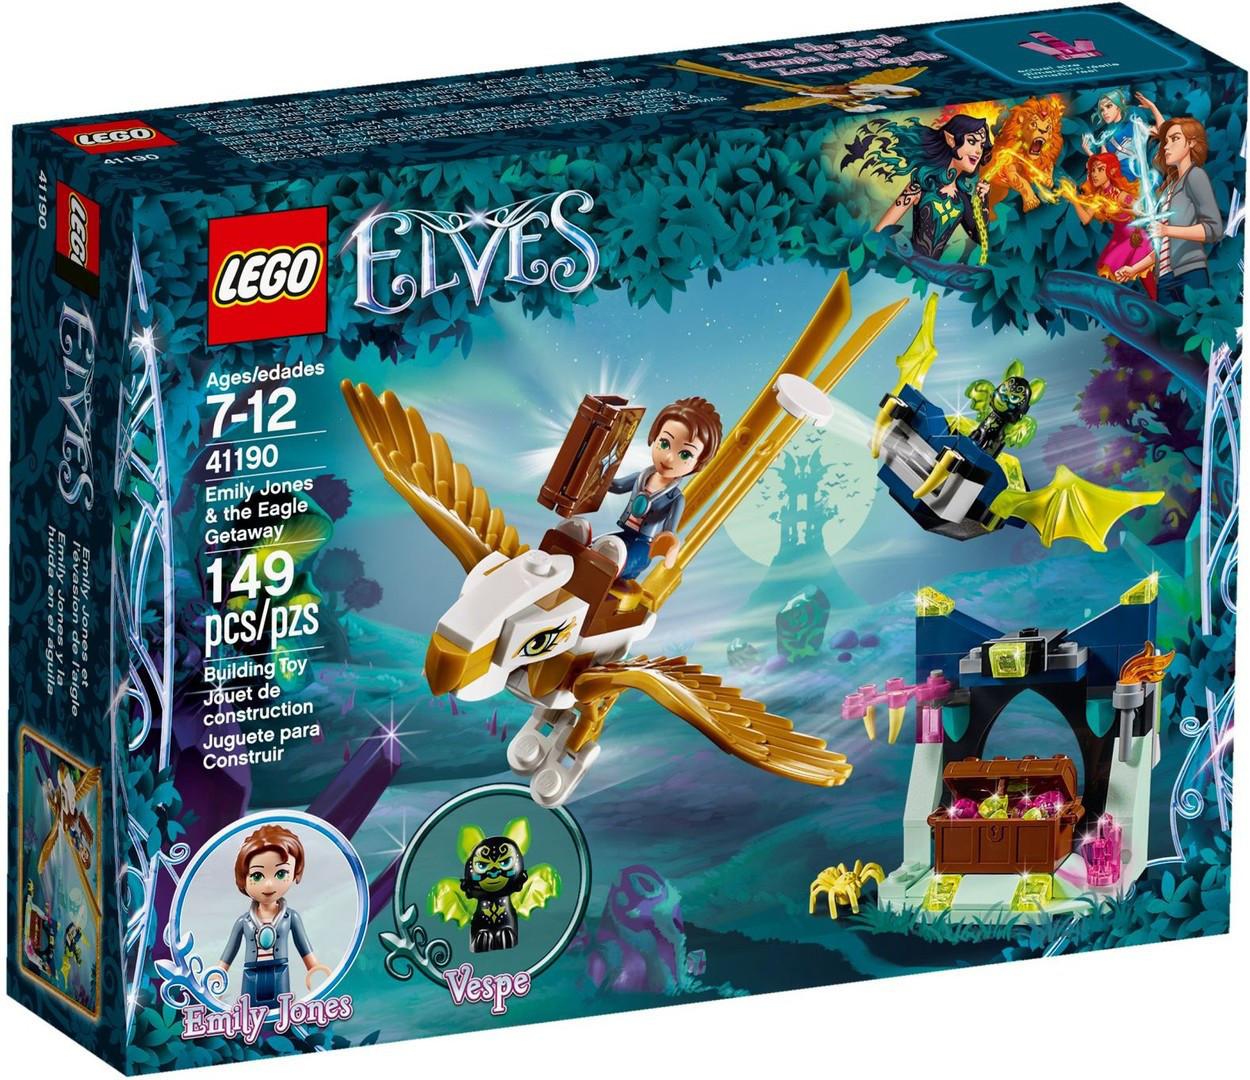 41190 Lego Elves Побег Эмили на орле, Лего Эльфы